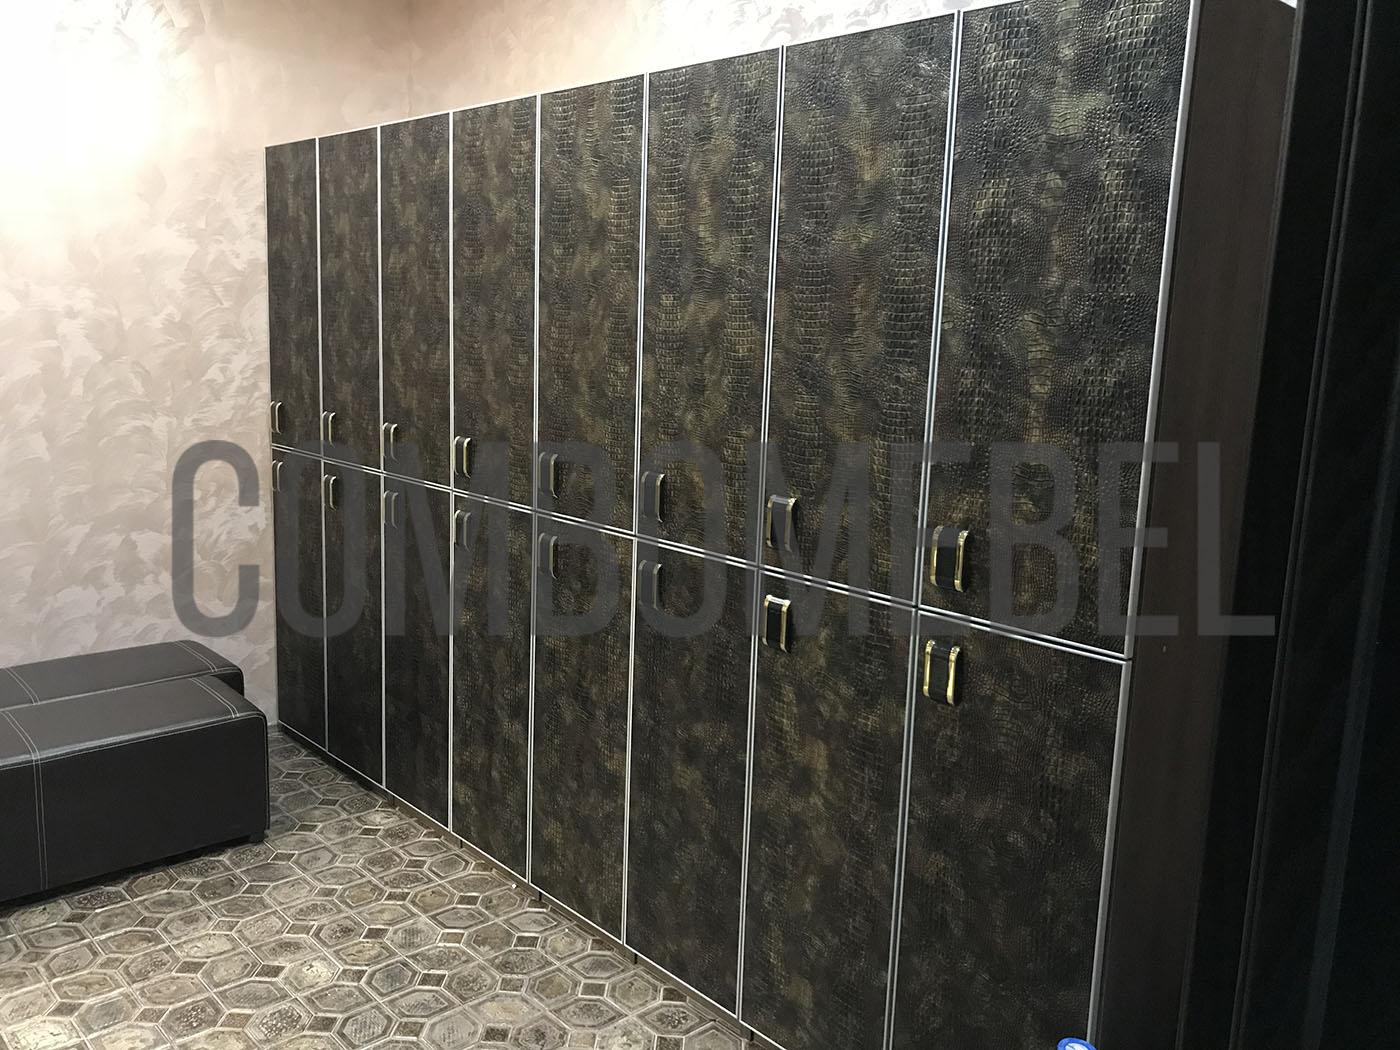 шкафы для переодевания посетителей по уникальной технологии с фасадами из кожи